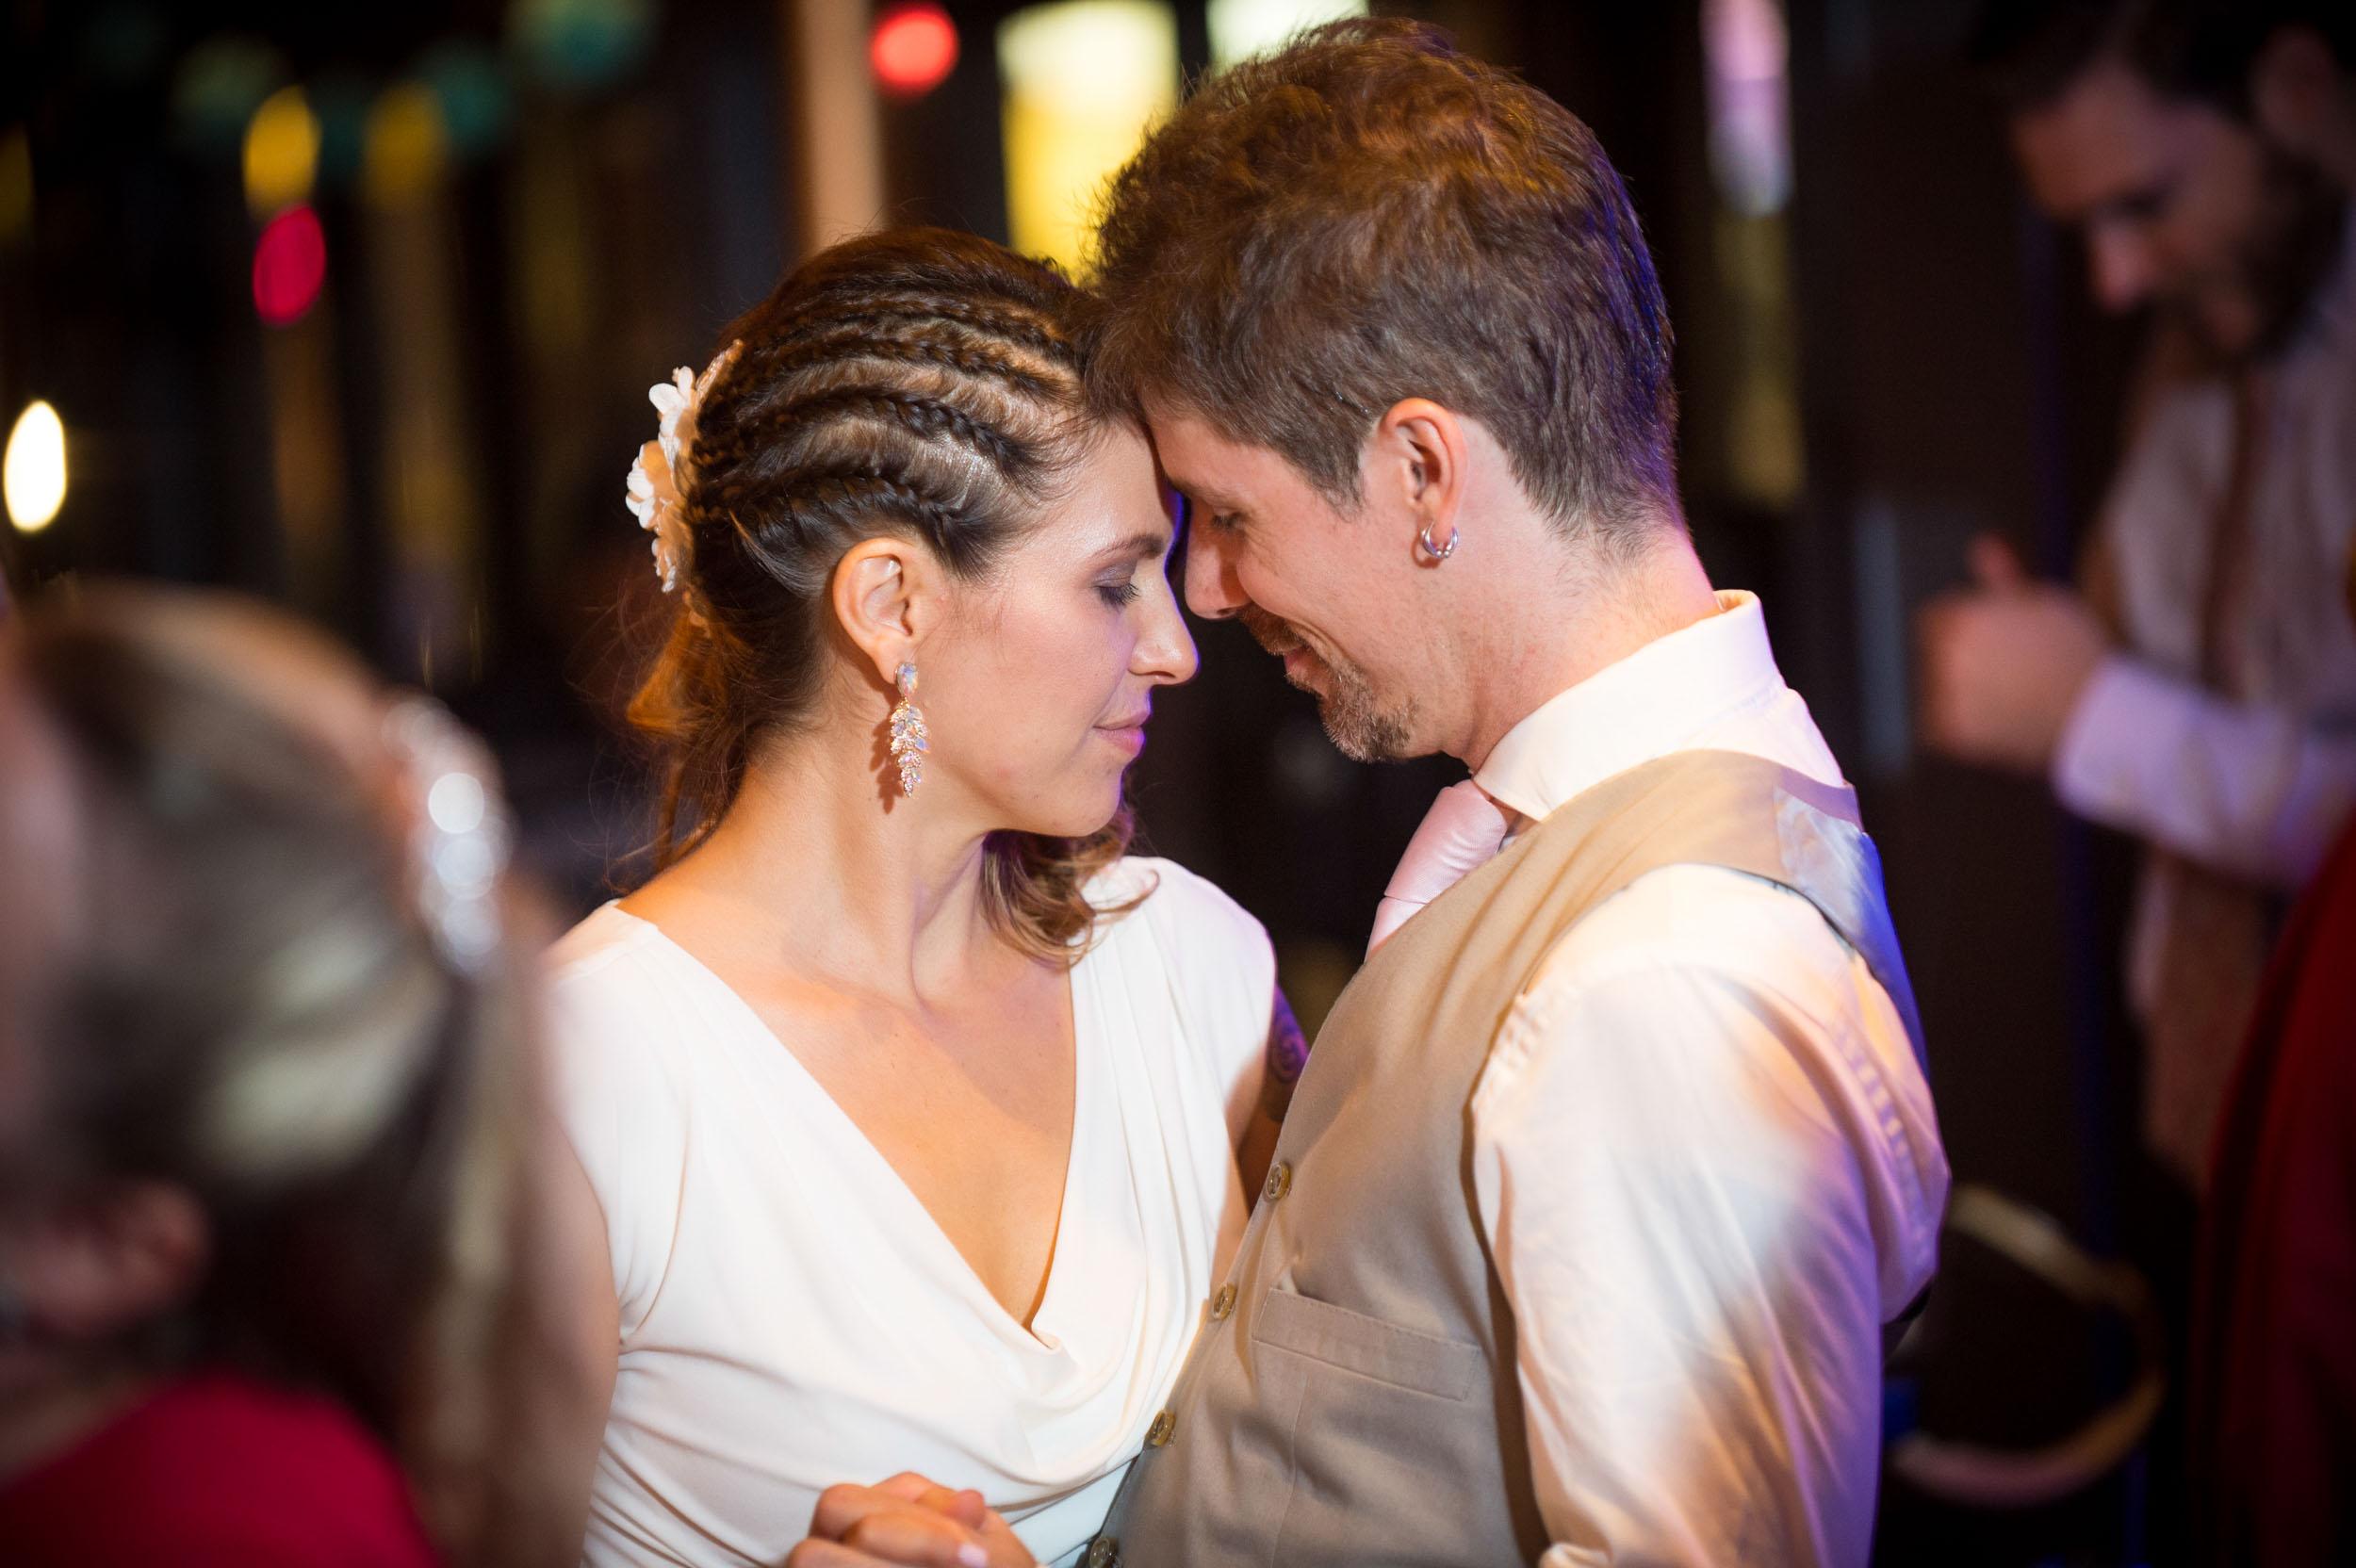 Wedding103BrendanLisa 471*2-2.jpg